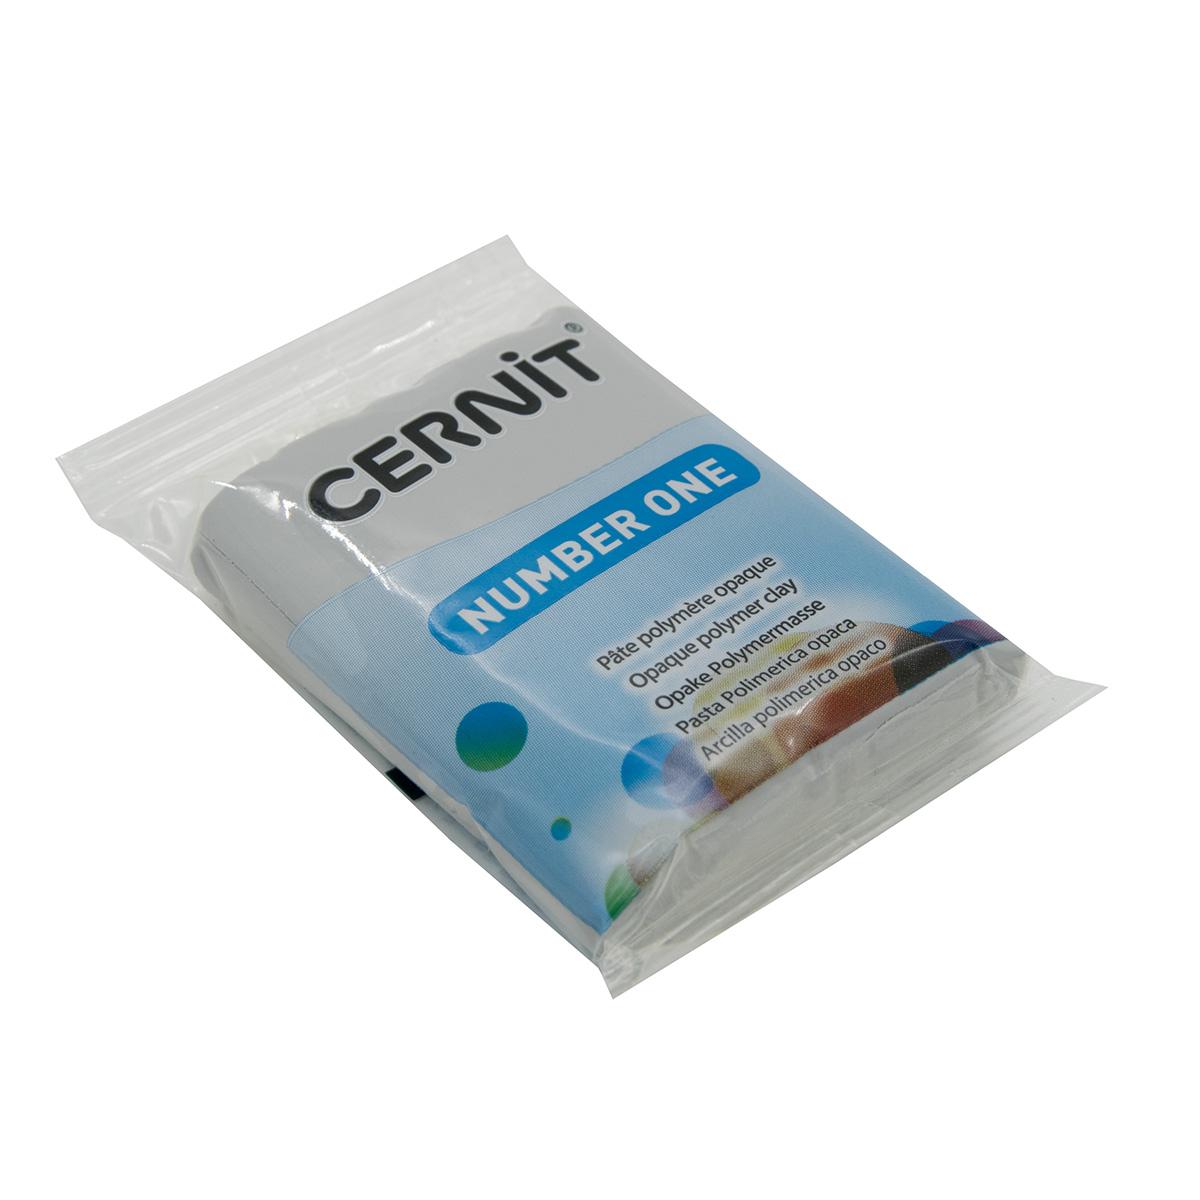 CE0900056 Пластика полимерная запекаемая 'Cernit № 1' 56-62 гр.